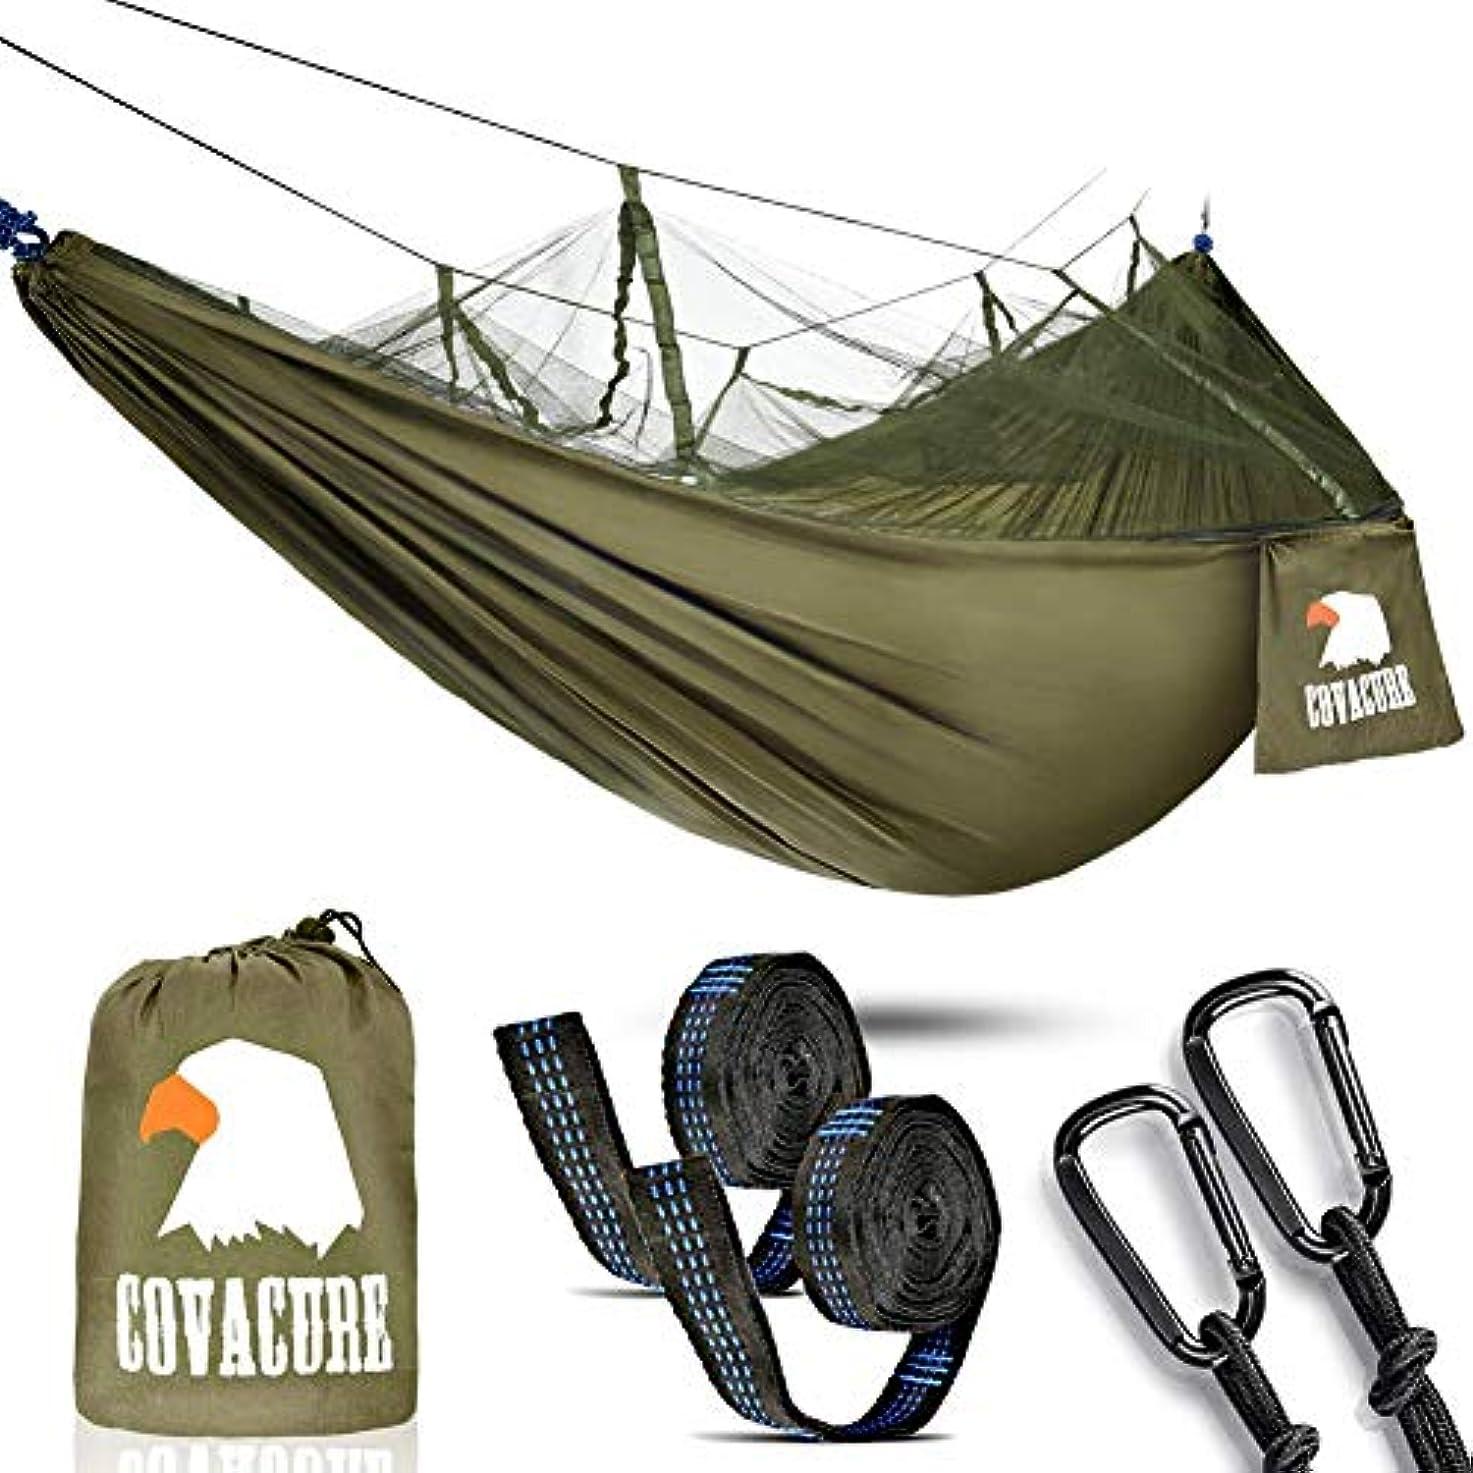 削る淡い禁輸Camping Hammock with Mosquito Net - Lightweight COVACURE Double Hammock, Portable Hammocks for Indoor,Outdoor, Hiking, Camping, Backpacking, Travel, Backyard, Beach [並行輸入品]